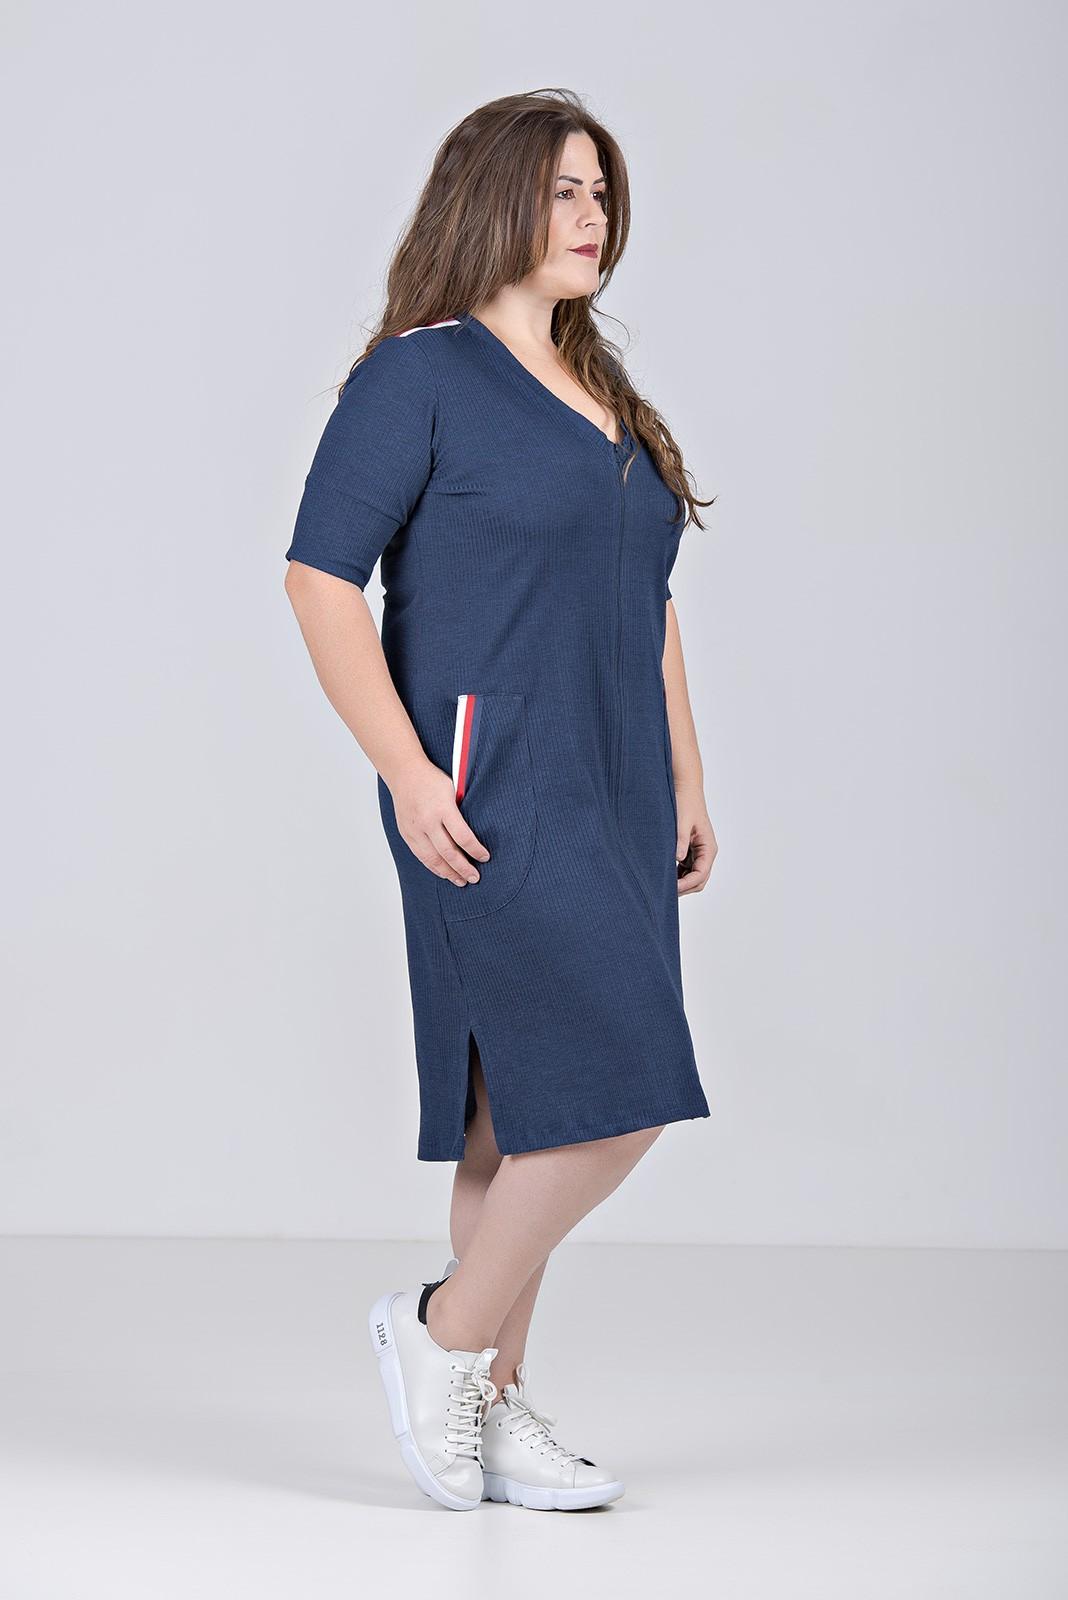 Vestido Comfy Curto Com Zíper Frontal em Malha Canelada Com Elastano - Plus Size